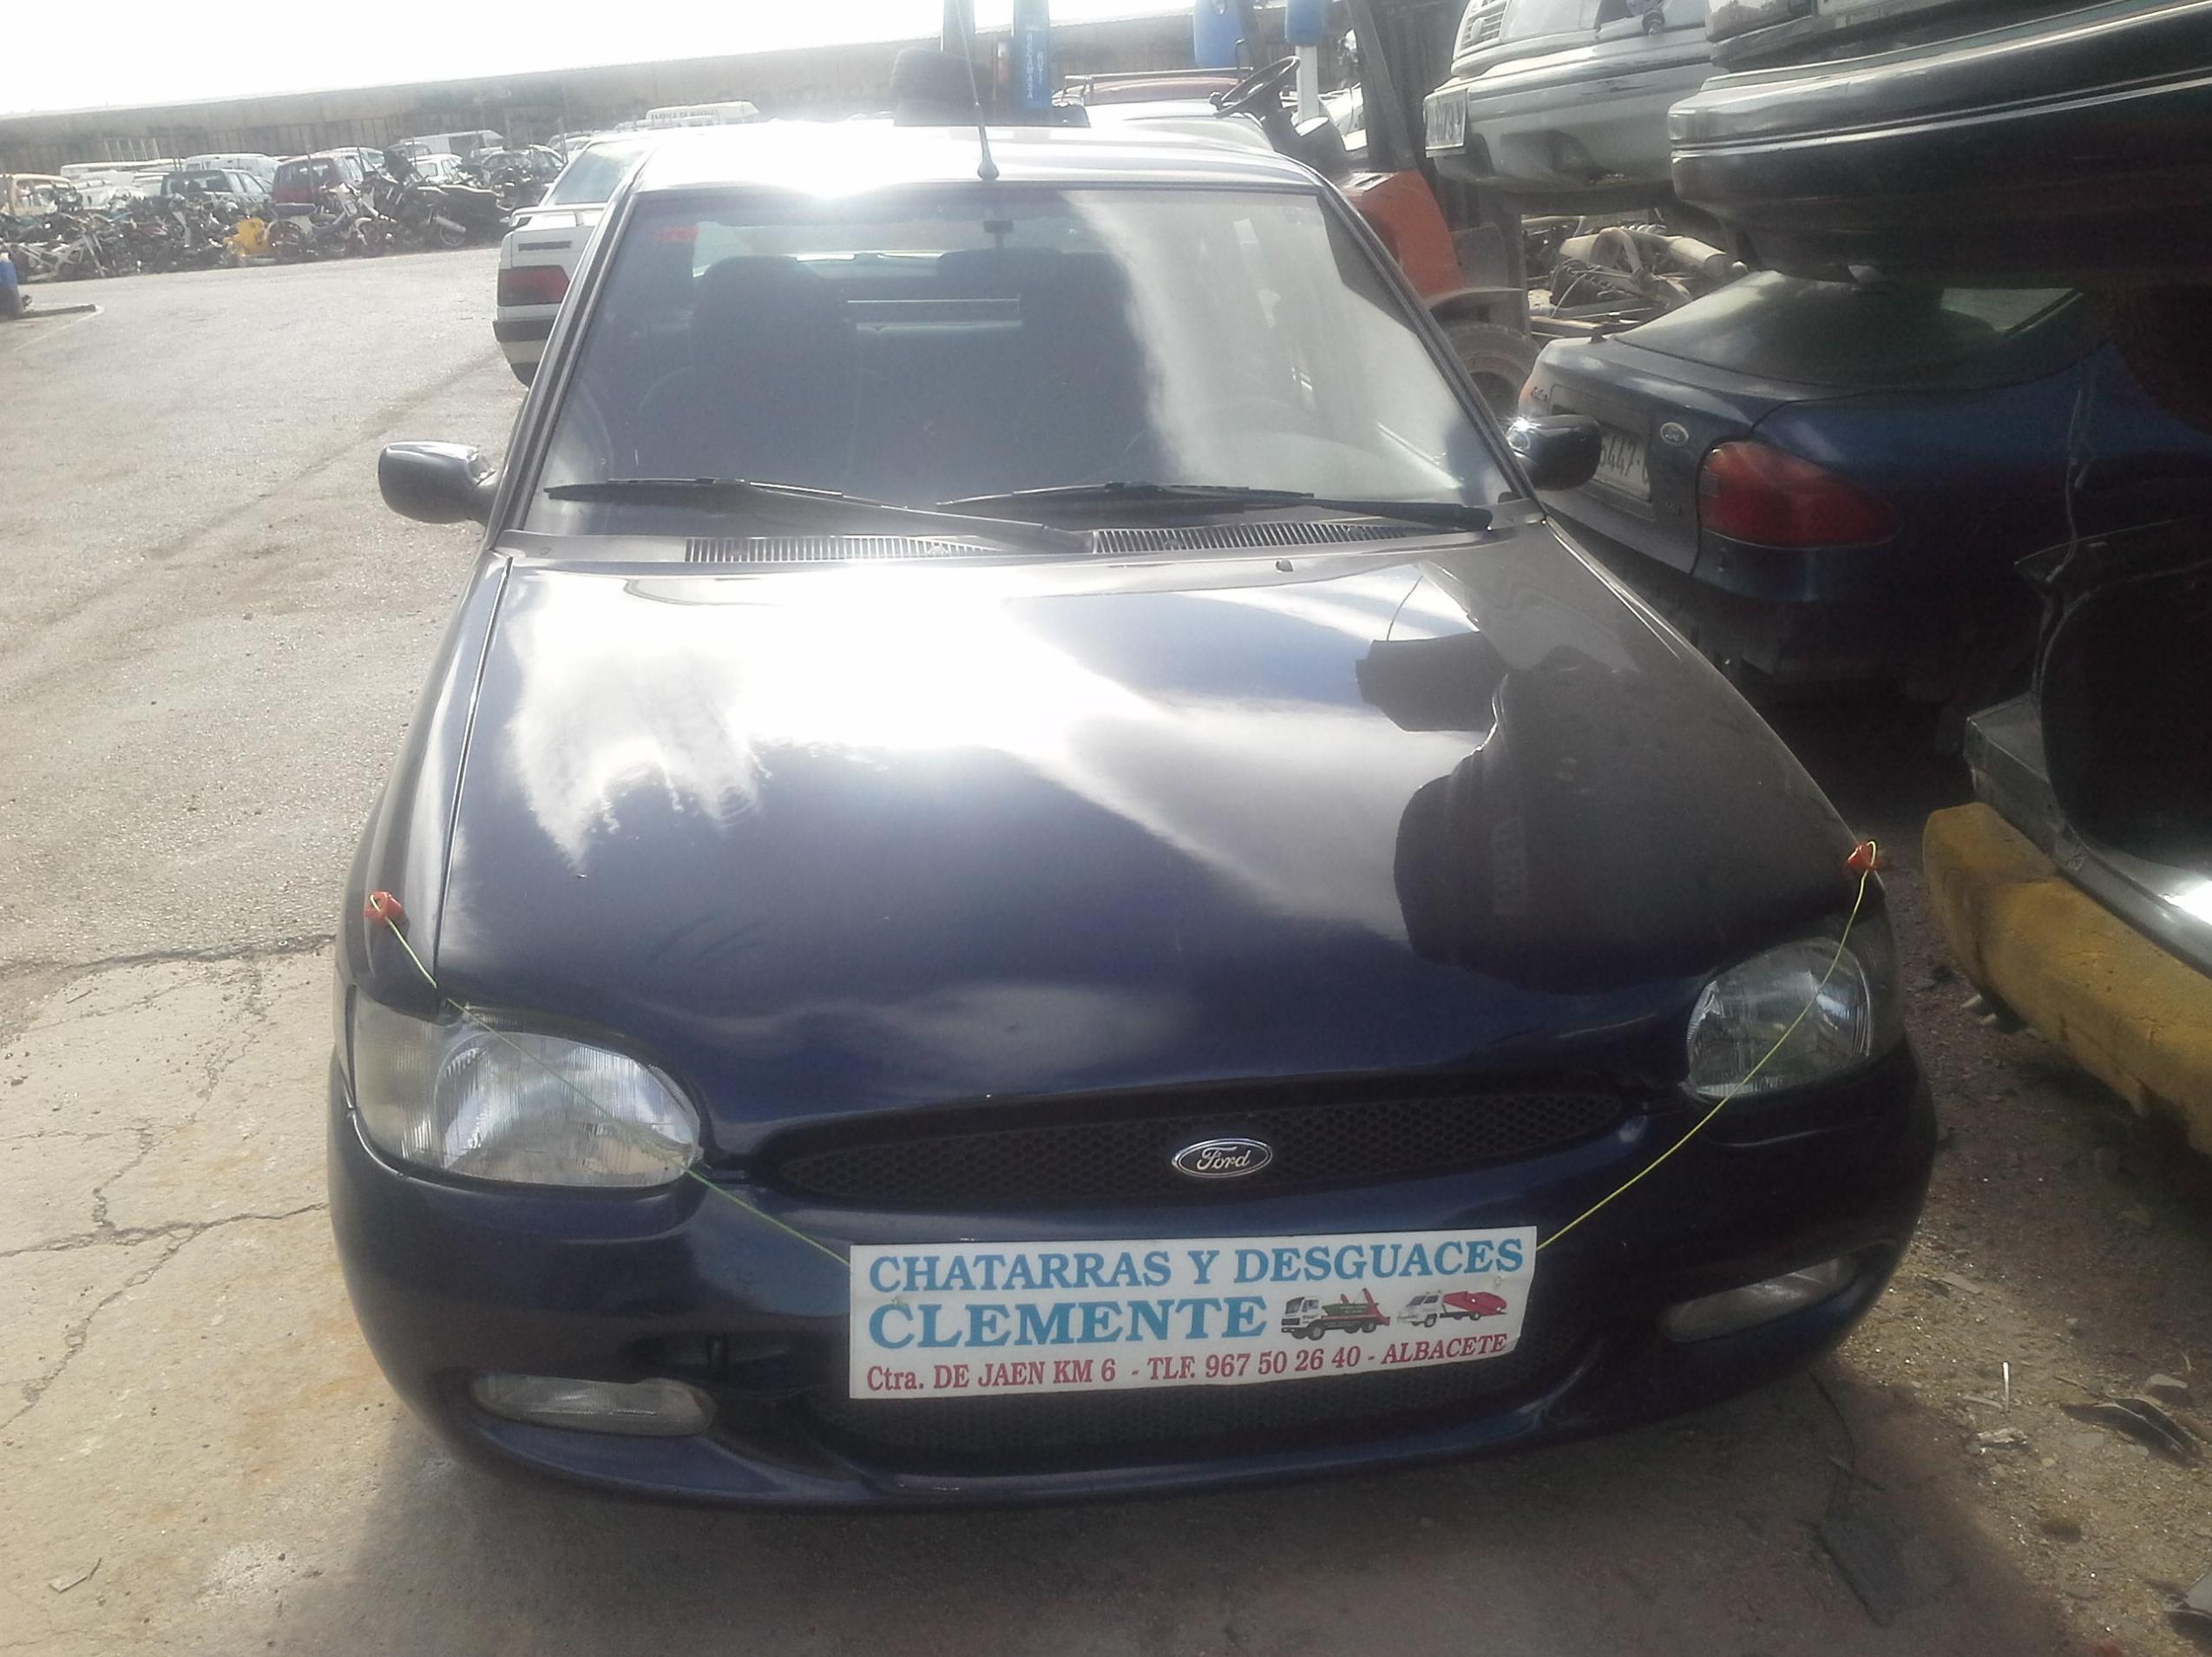 Ford escort 95 en desguaces clemente Albacete